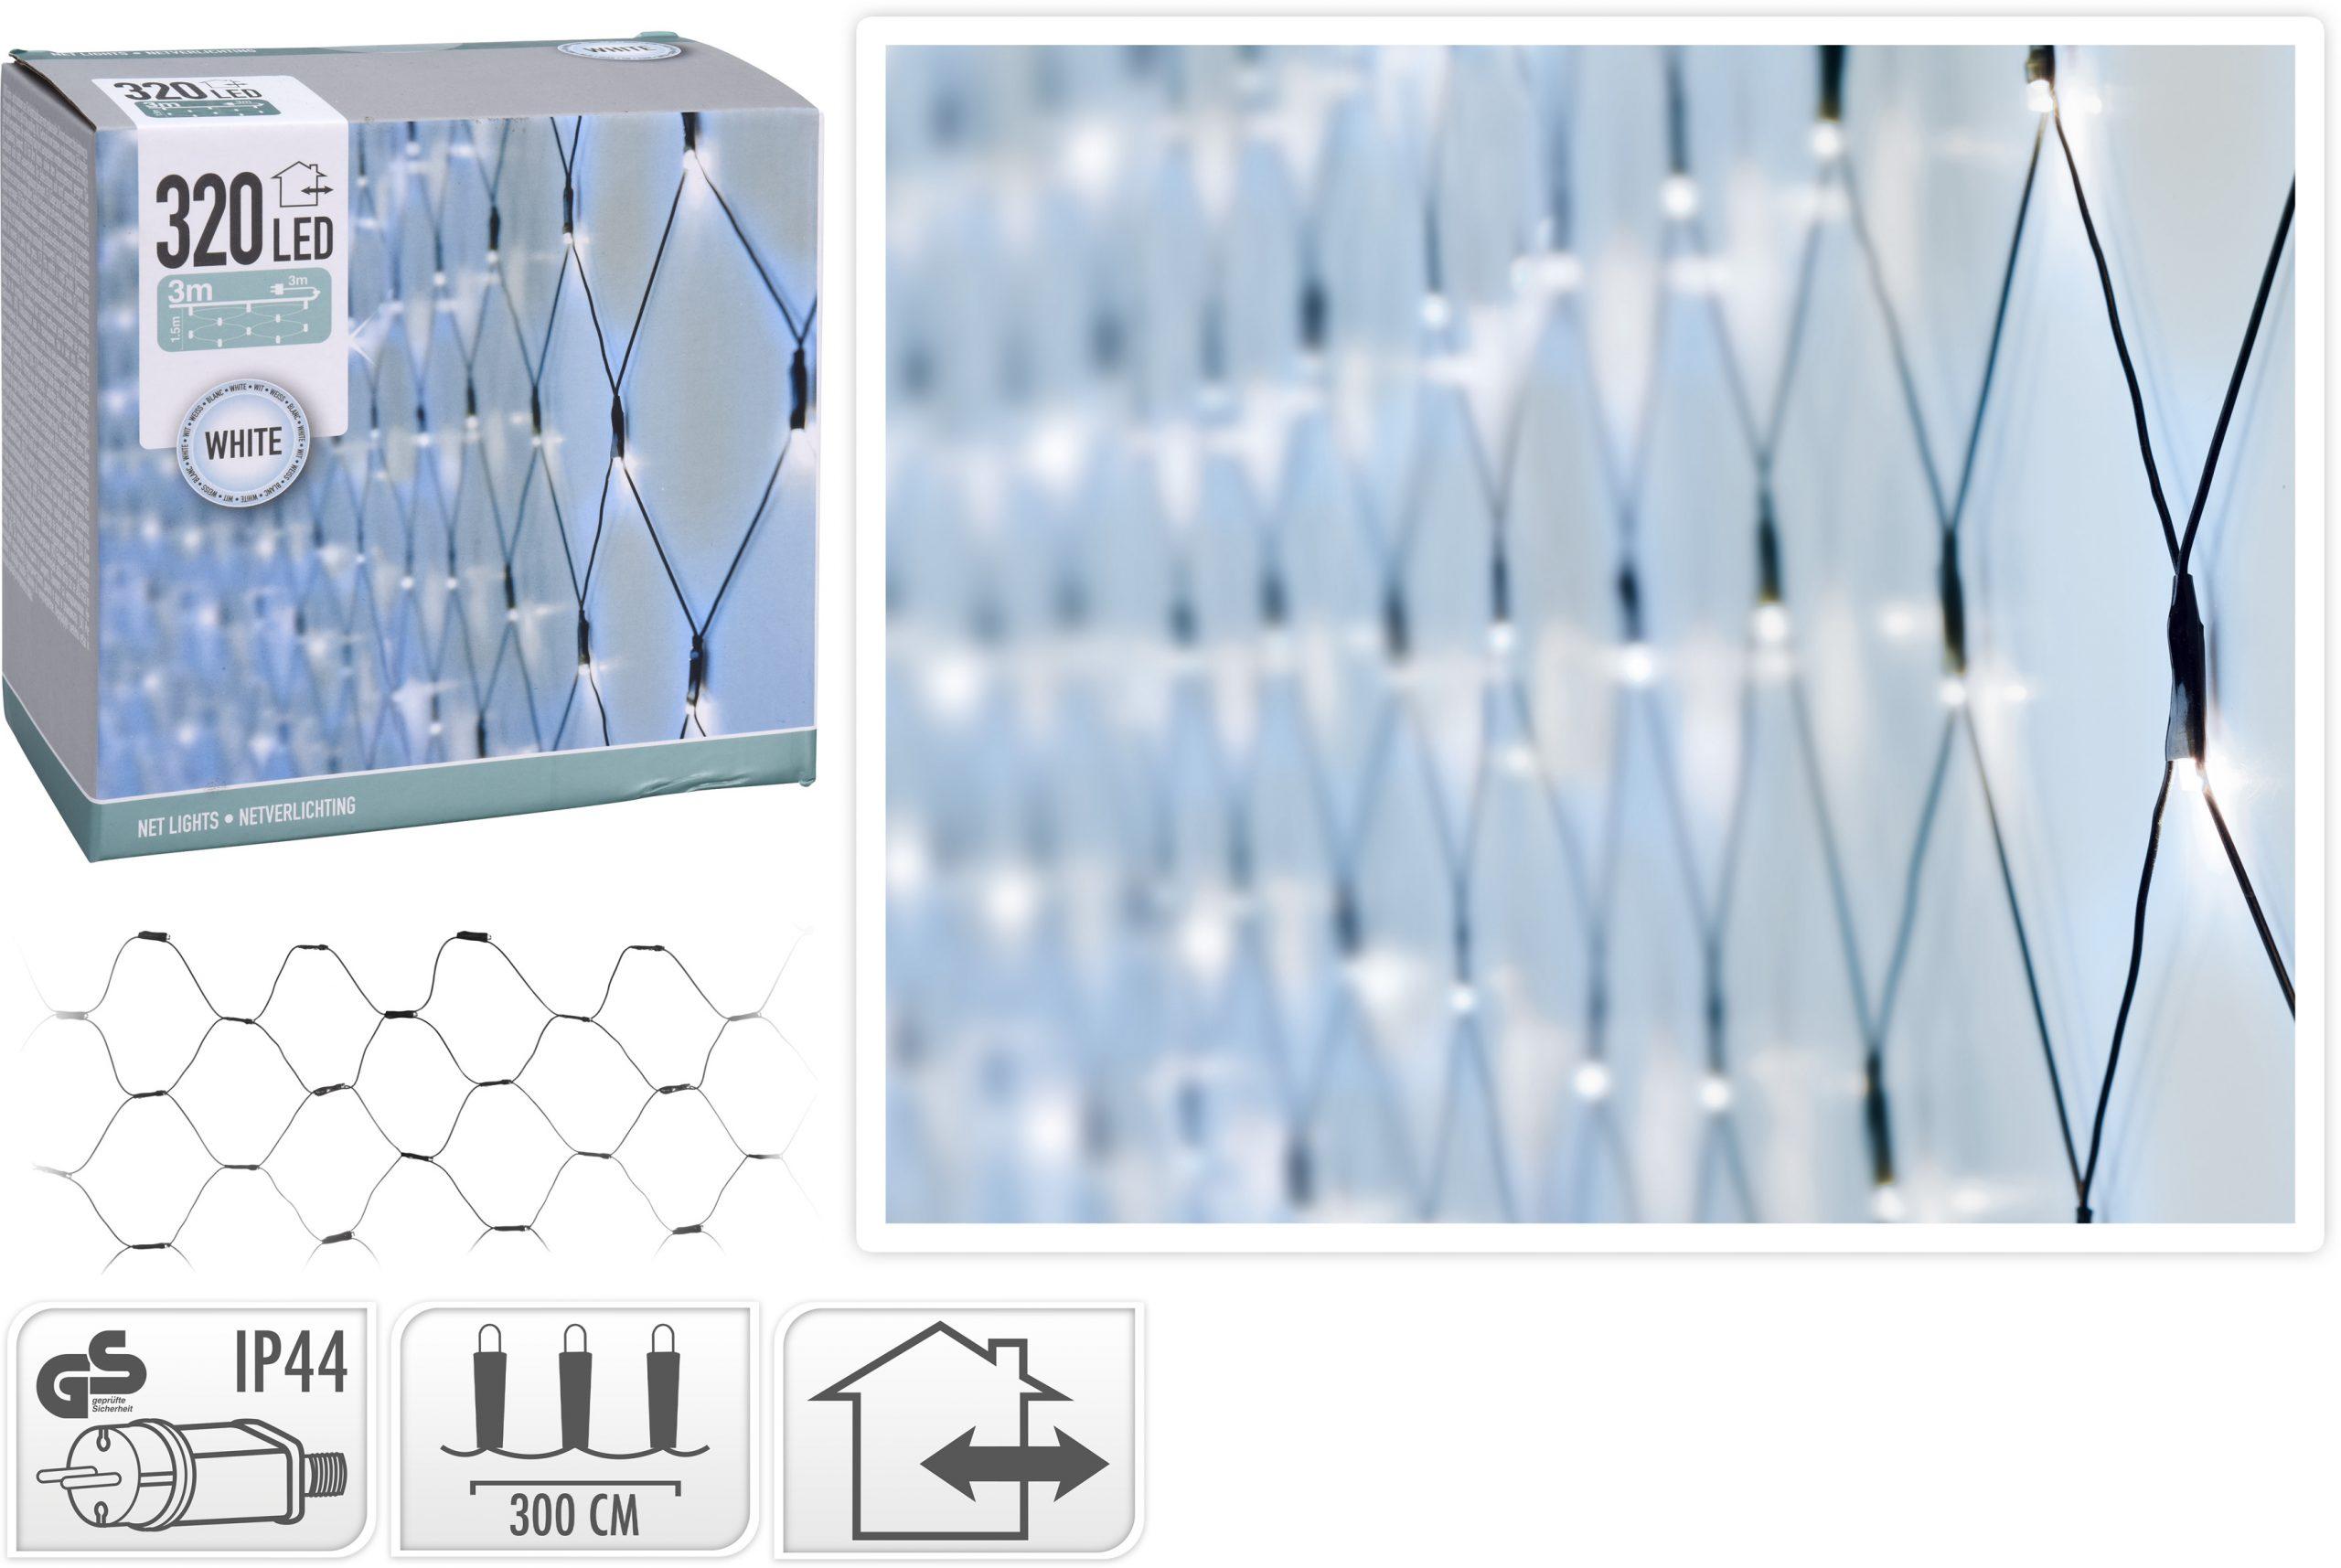 Lichternetz kaltweiß 320 LED Image